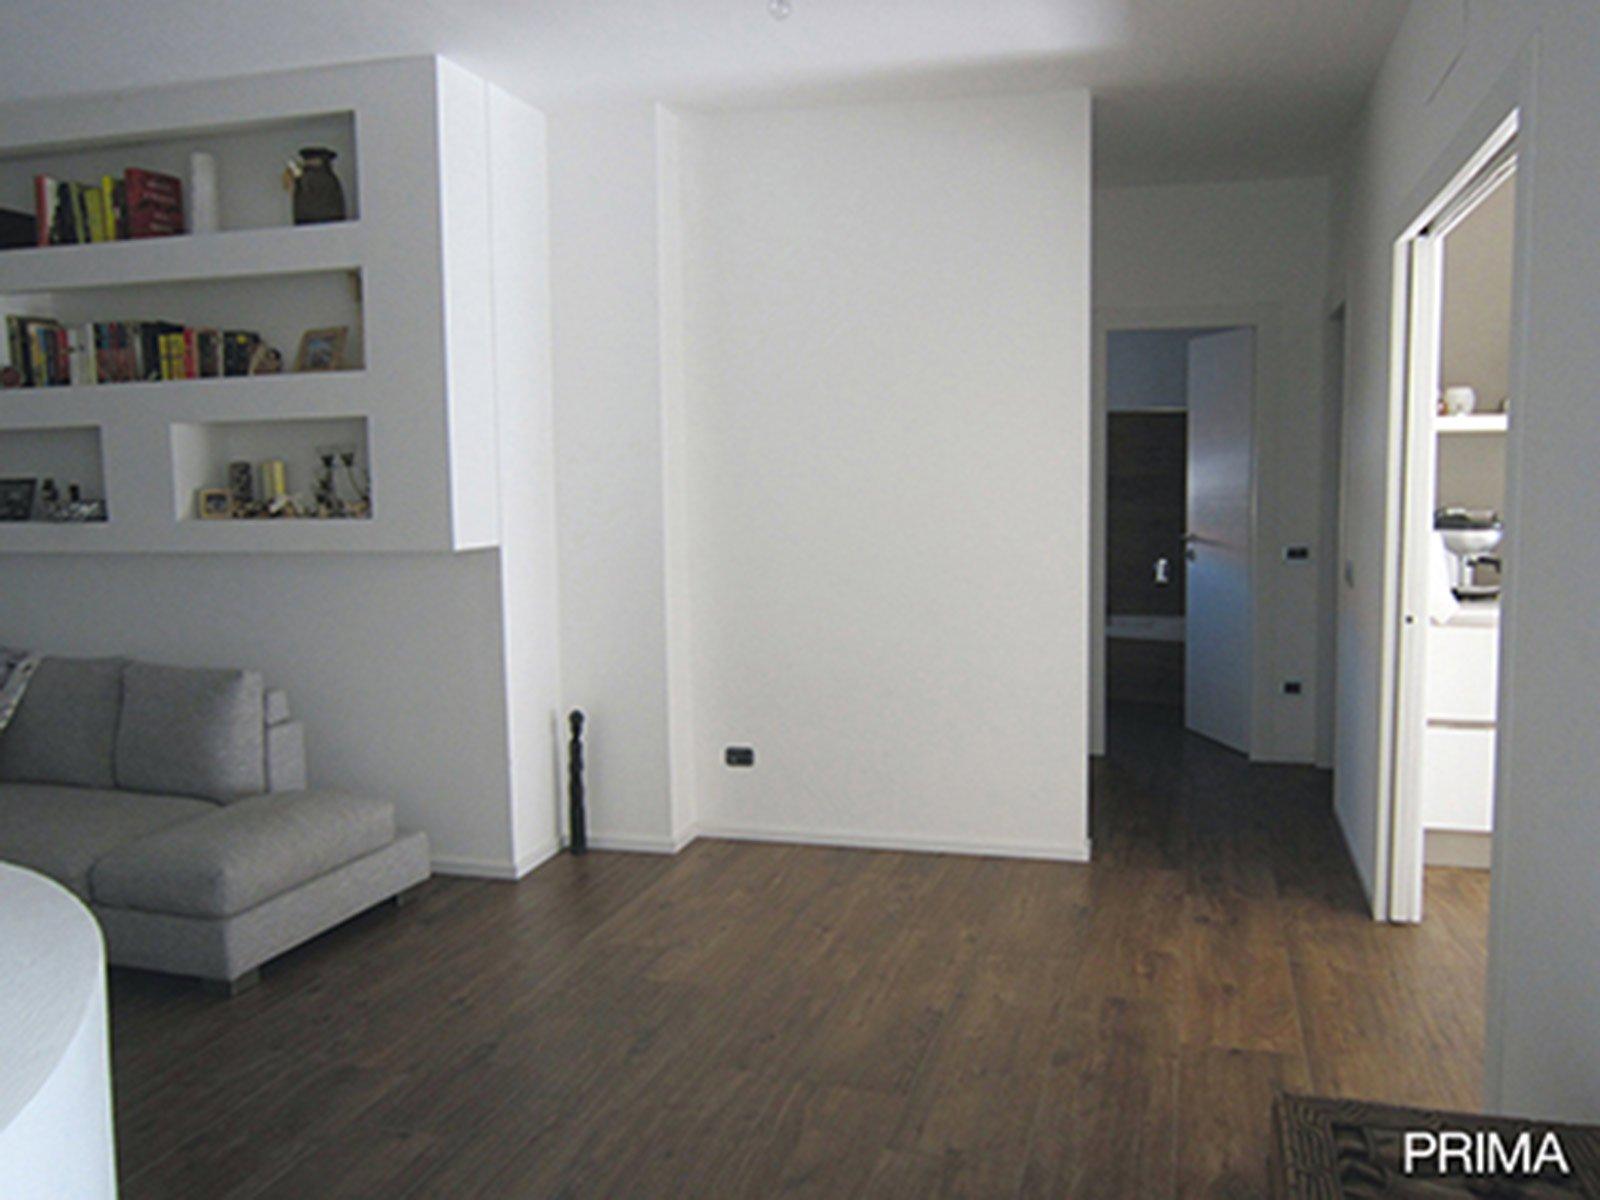 Iniziativa rinnova la tua casa con la tappezzeria ecco for Tappezzeria moderna